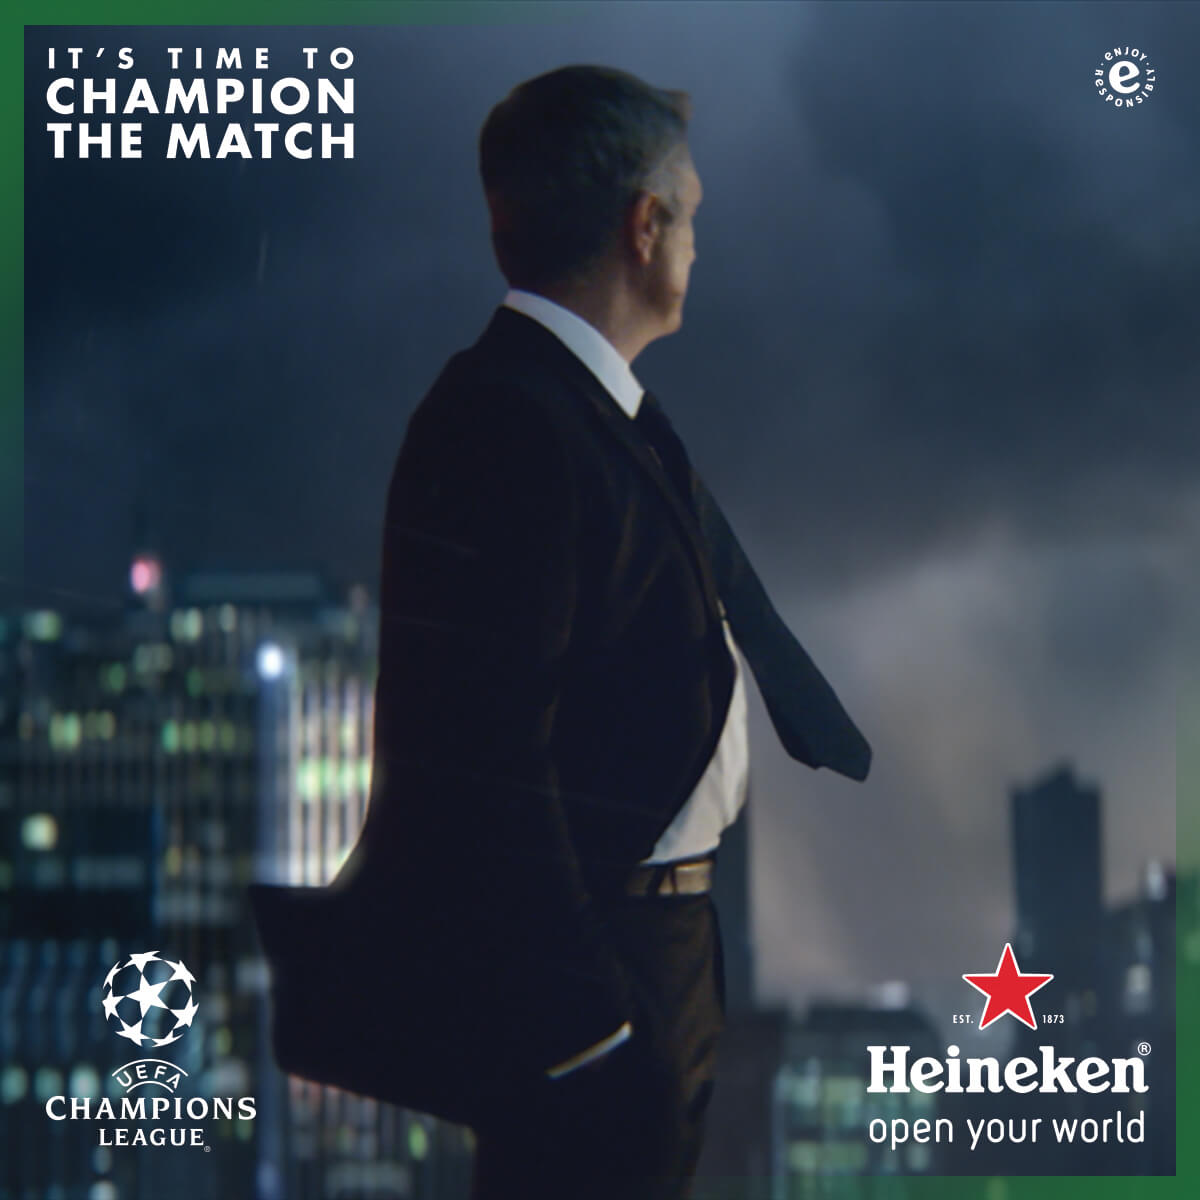 fb-still-image-mourinho-match-reminder-mourinho-5-1200x12001